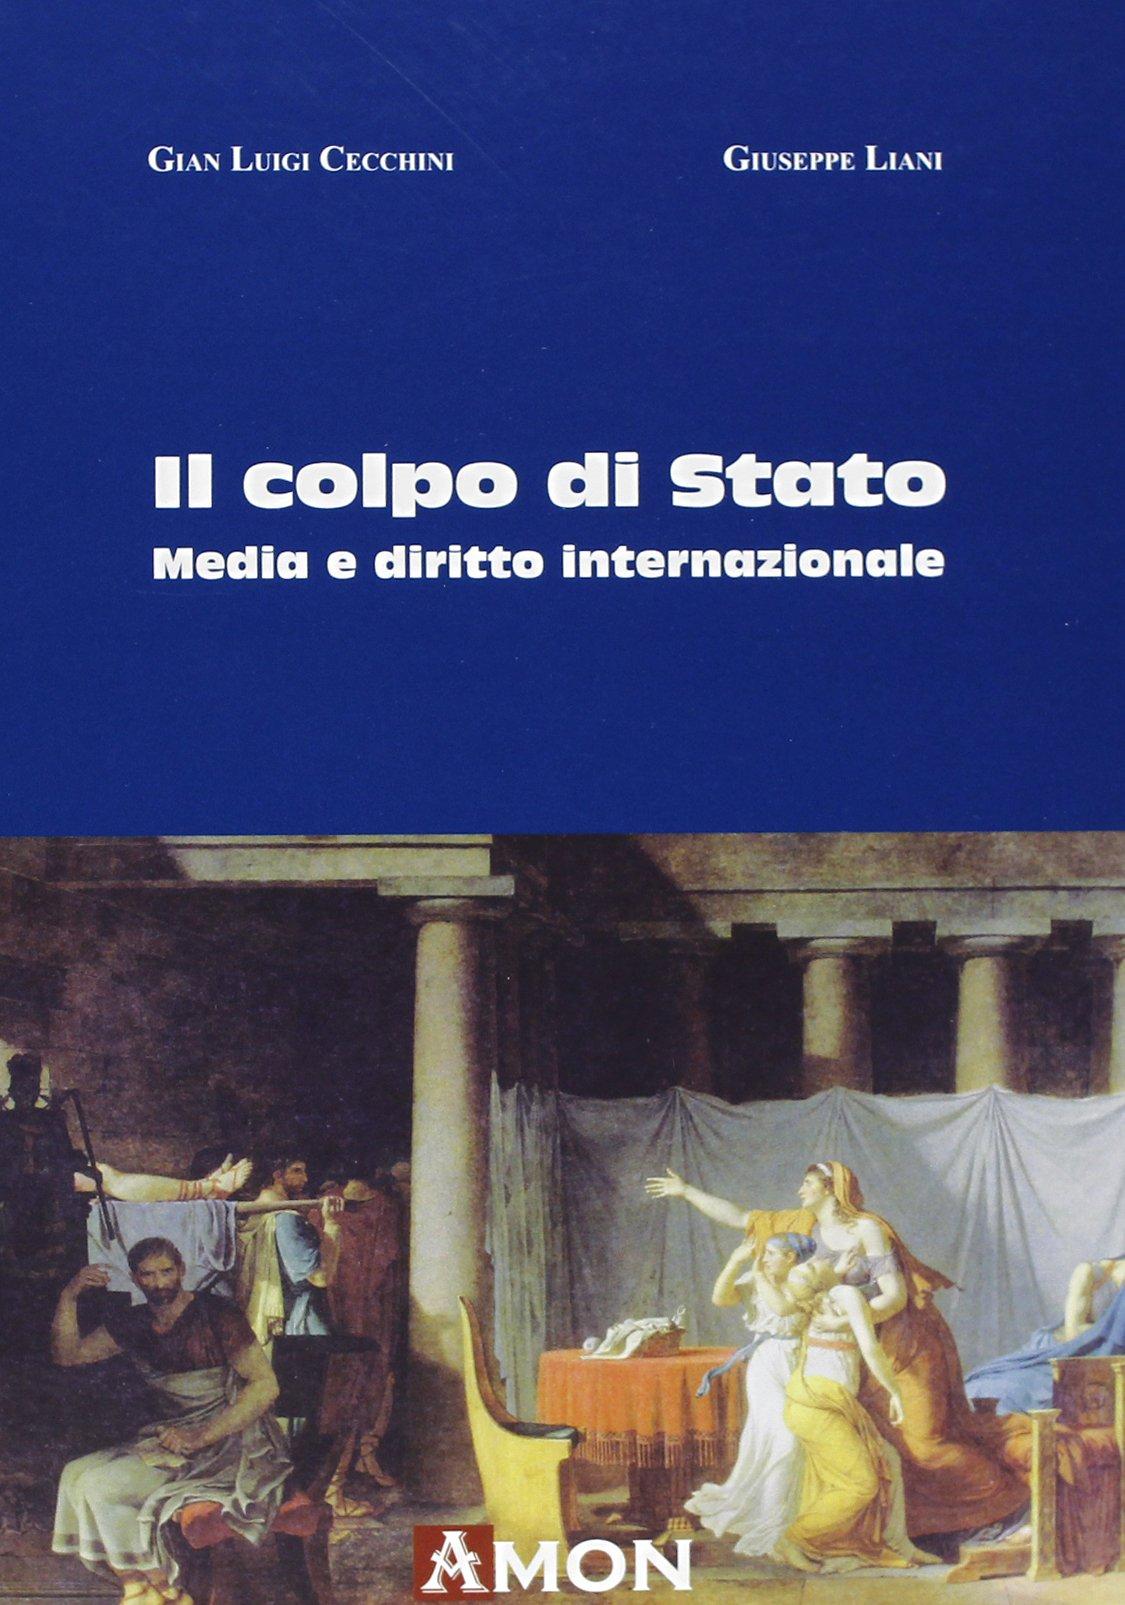 Il colpo di Stato. Media e diritto internazionale Copertina flessibile – 5 ott 2012 G. Luigi Cecchini Giuseppe Liani Amon 886603102X